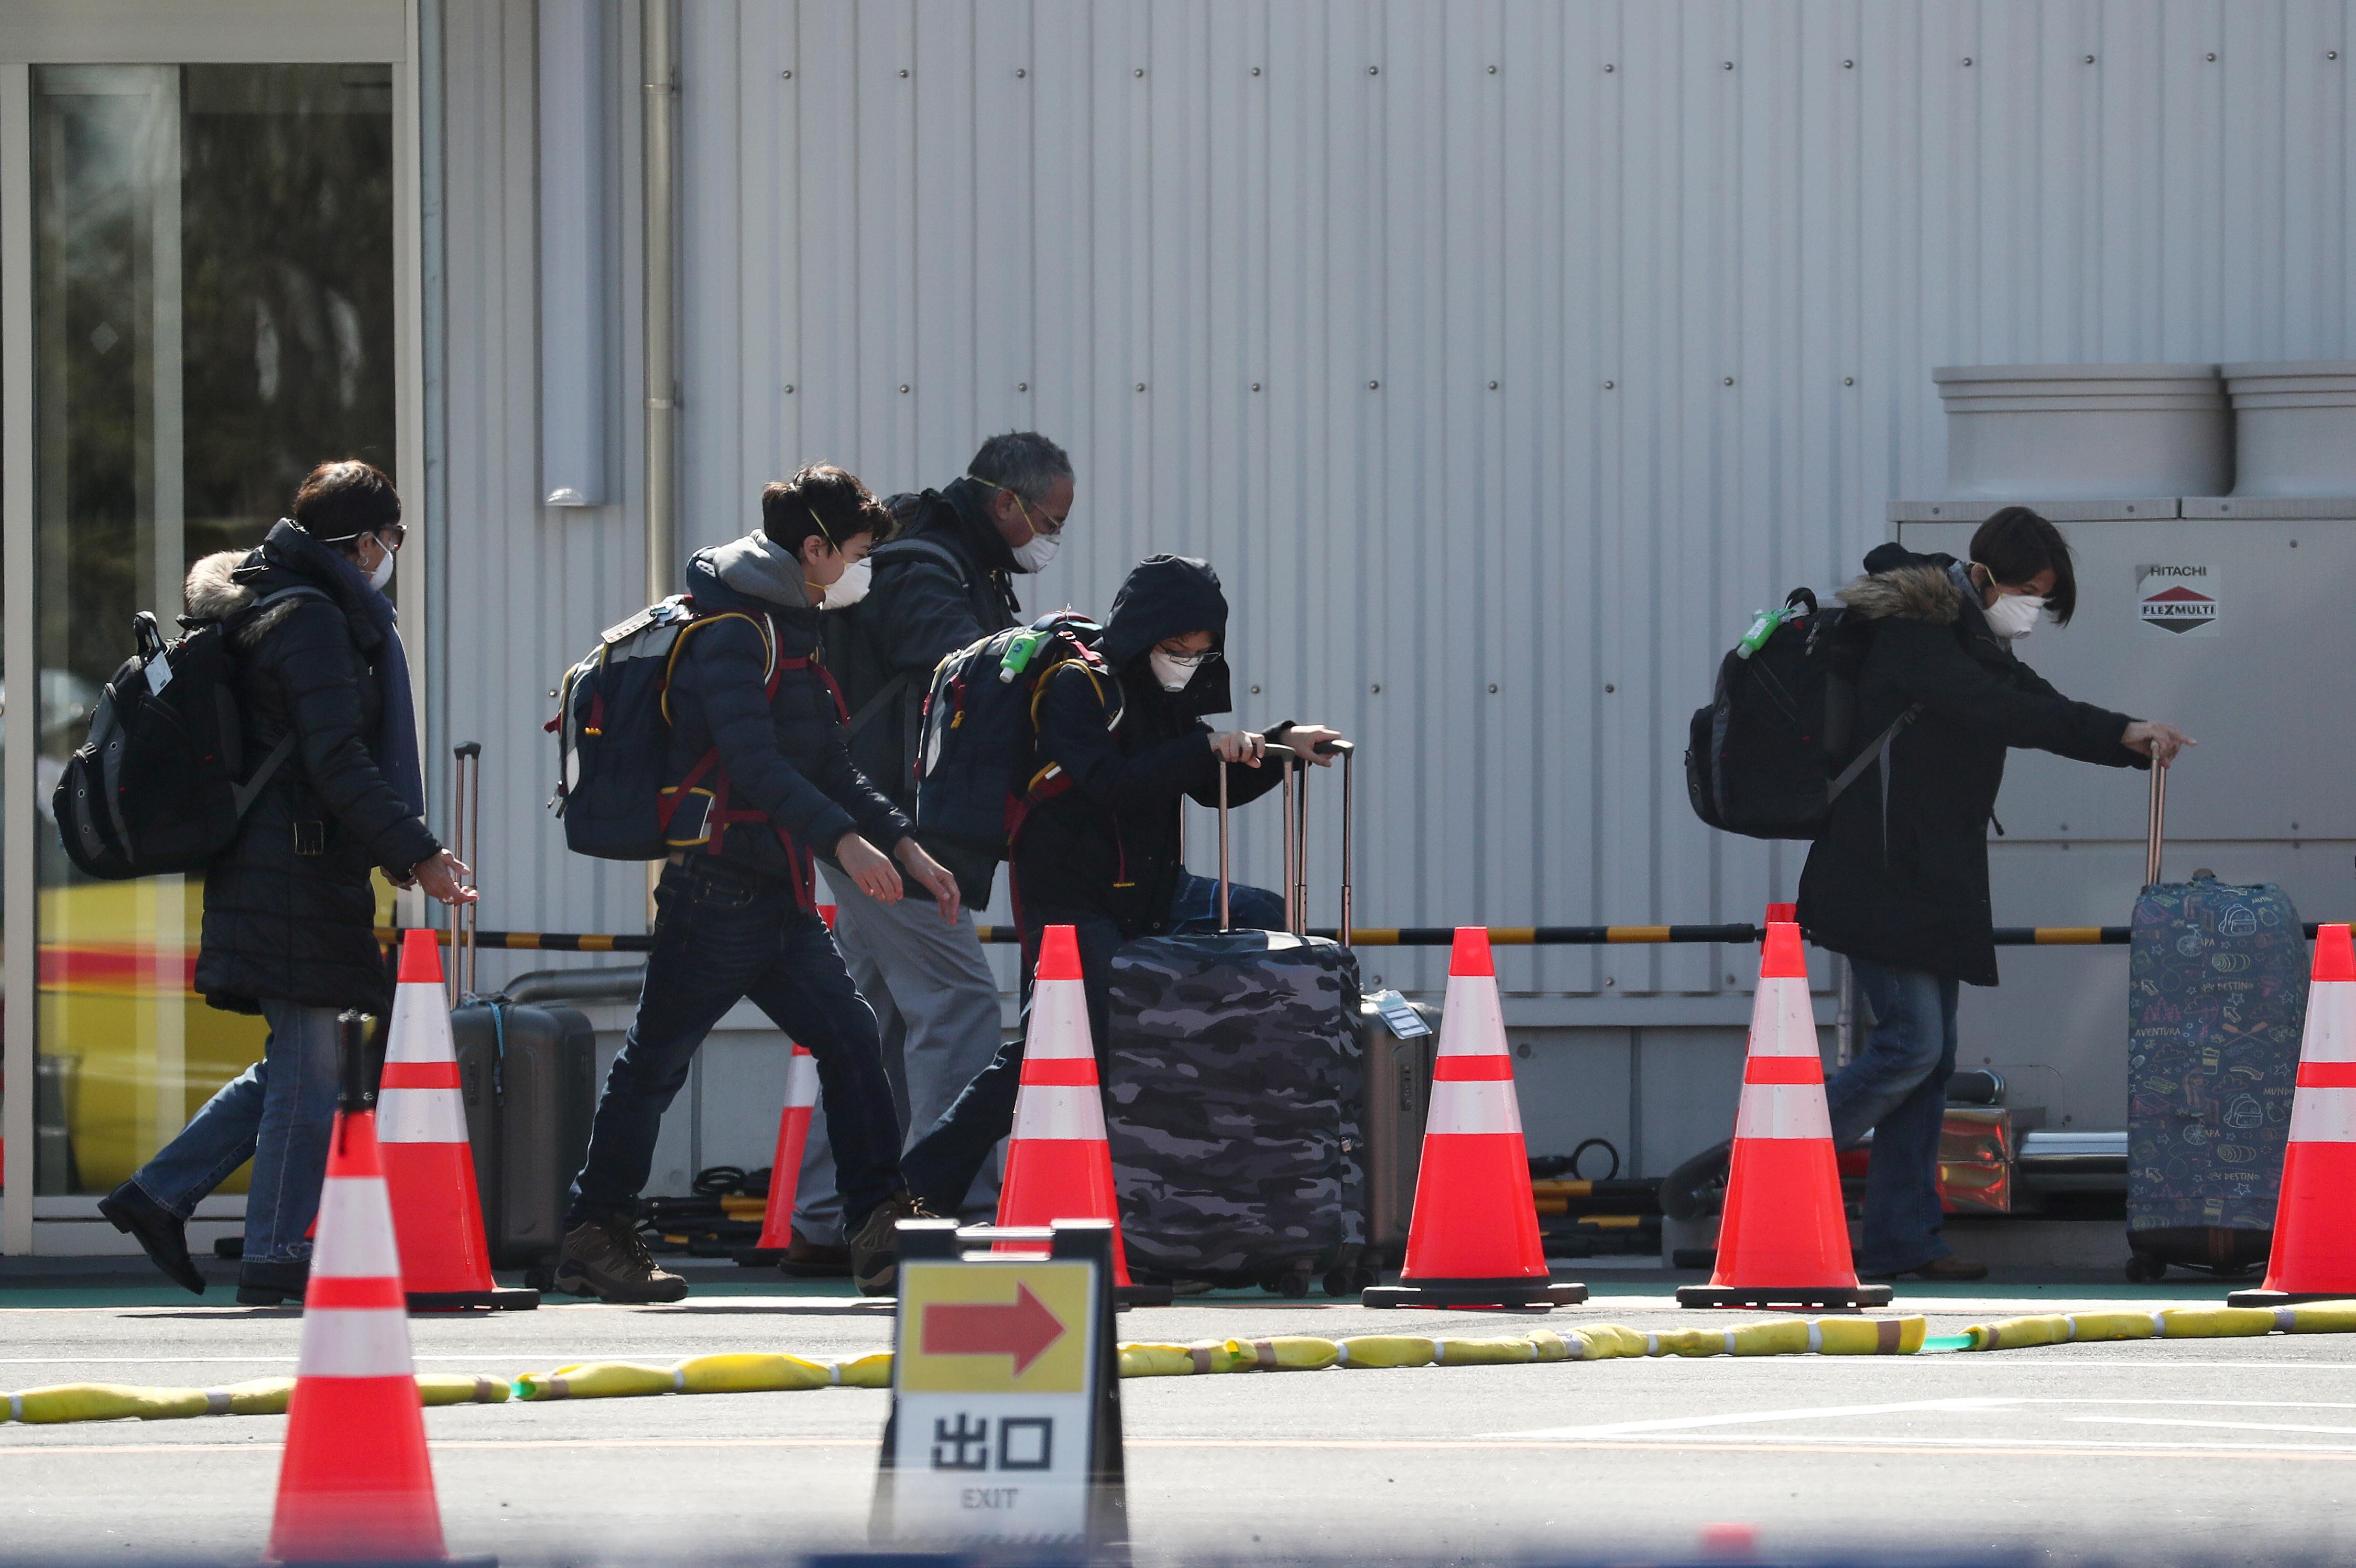 Le gouvernement japonais fait face à des questions sur le coronavirus, Tokyo annule les événements